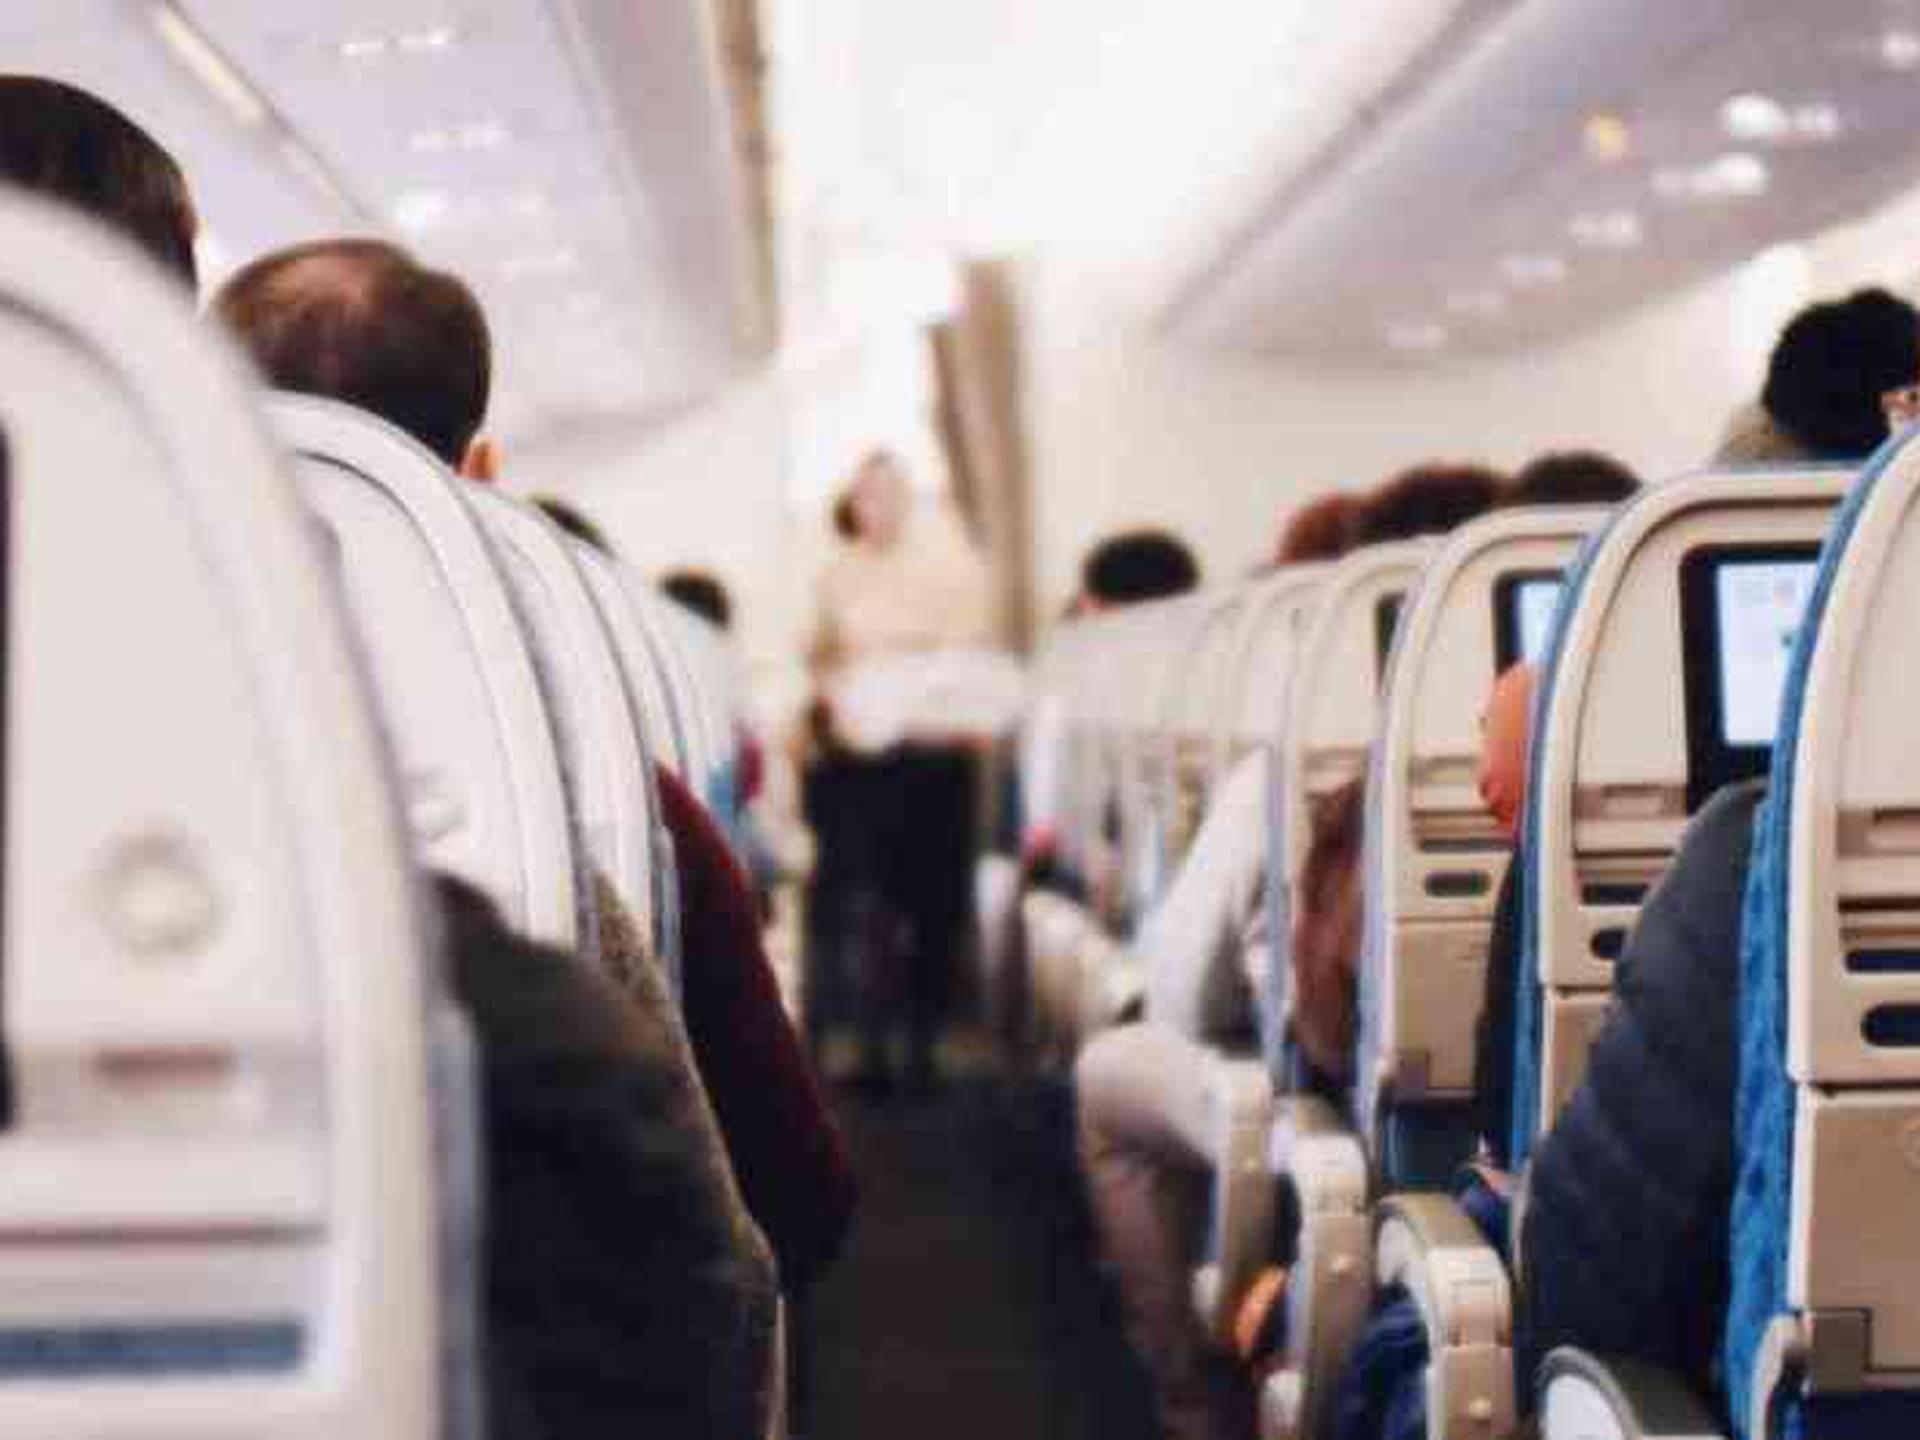 De acuerdo con la IATA, ha pasado más de medio año desde que se destruyó la conectividad global luego de que los países cerraran sus fronteras y decretaran los confinamientos estrictos para combatir la pandemia.